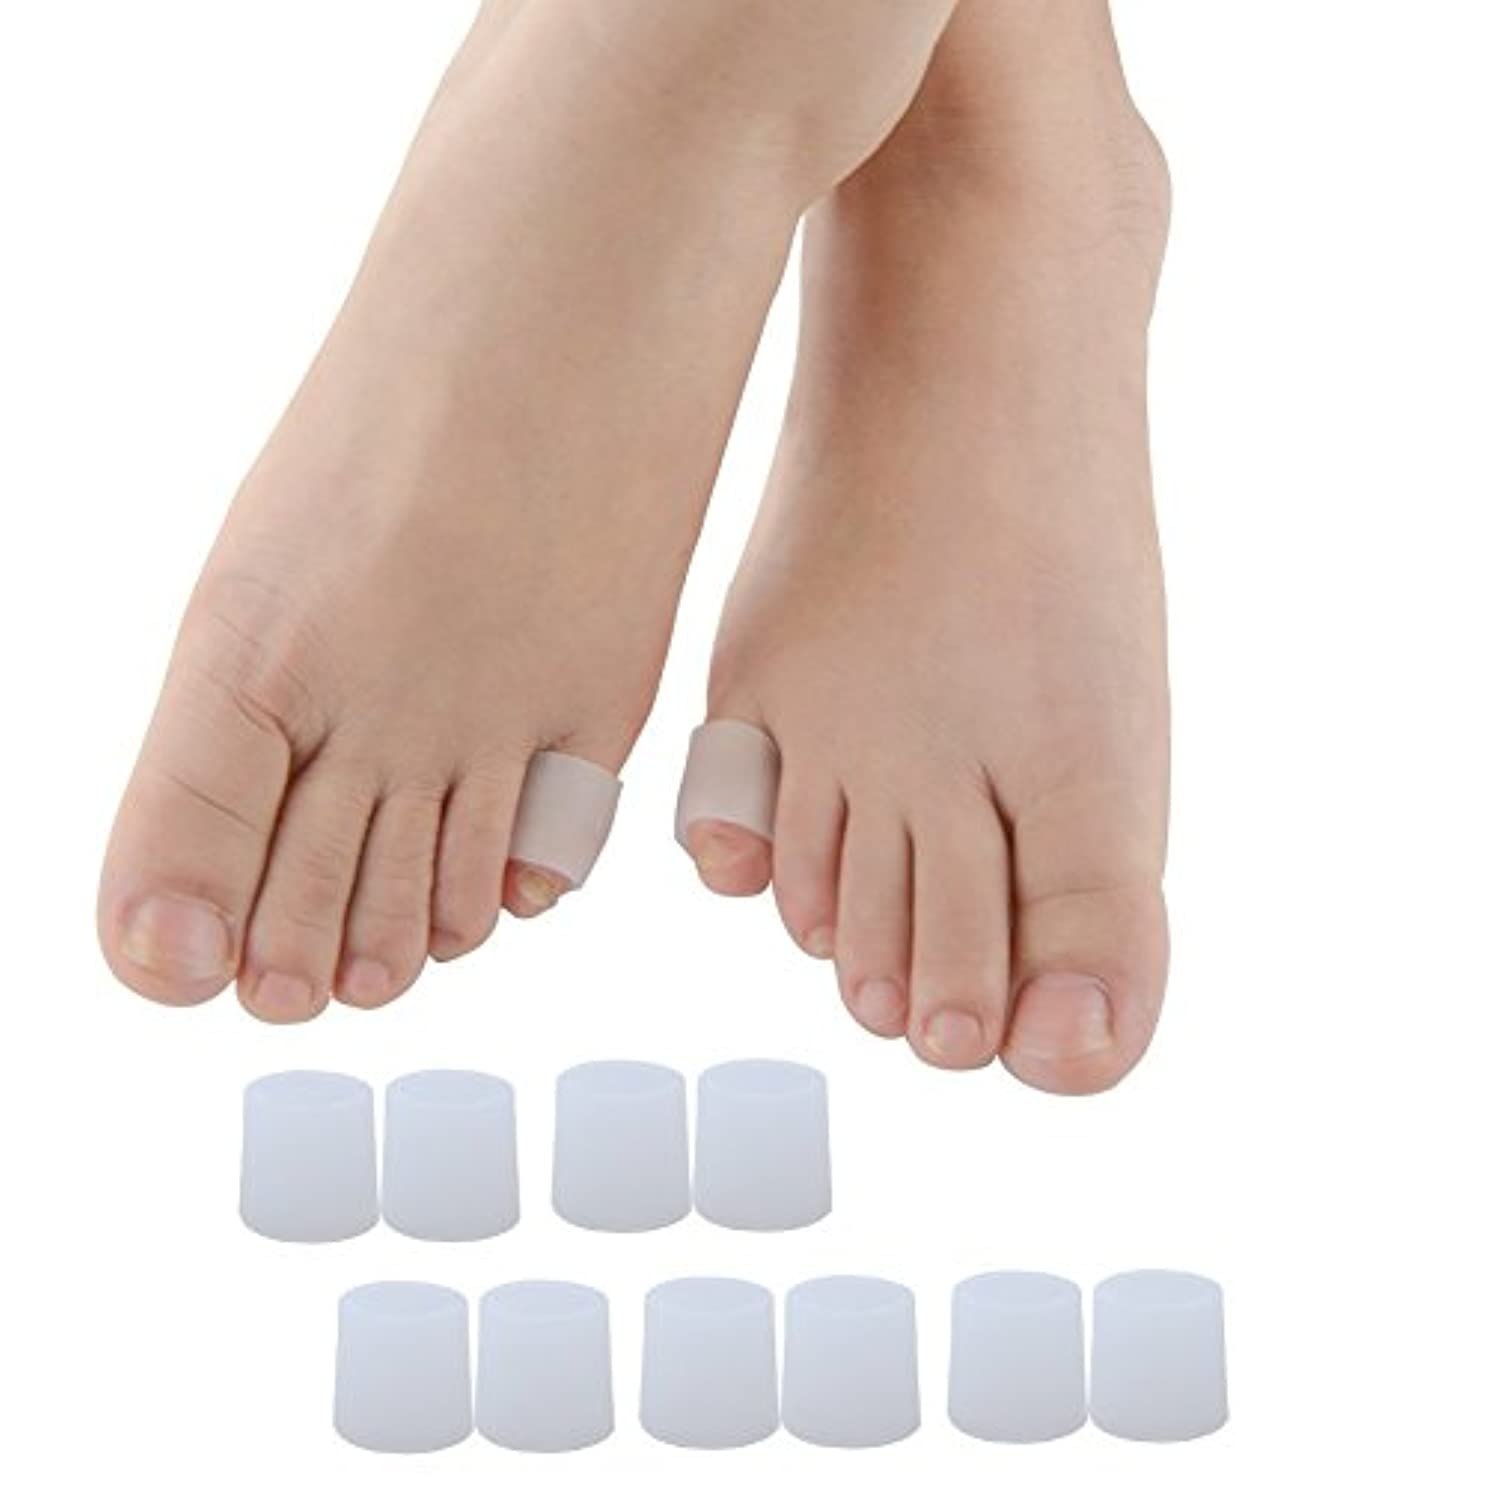 騒々しい創造はさみPovihome 足指 足爪 保護キャップ 小指 5ペア,足の小指保護, 白い 足 指 キャップ